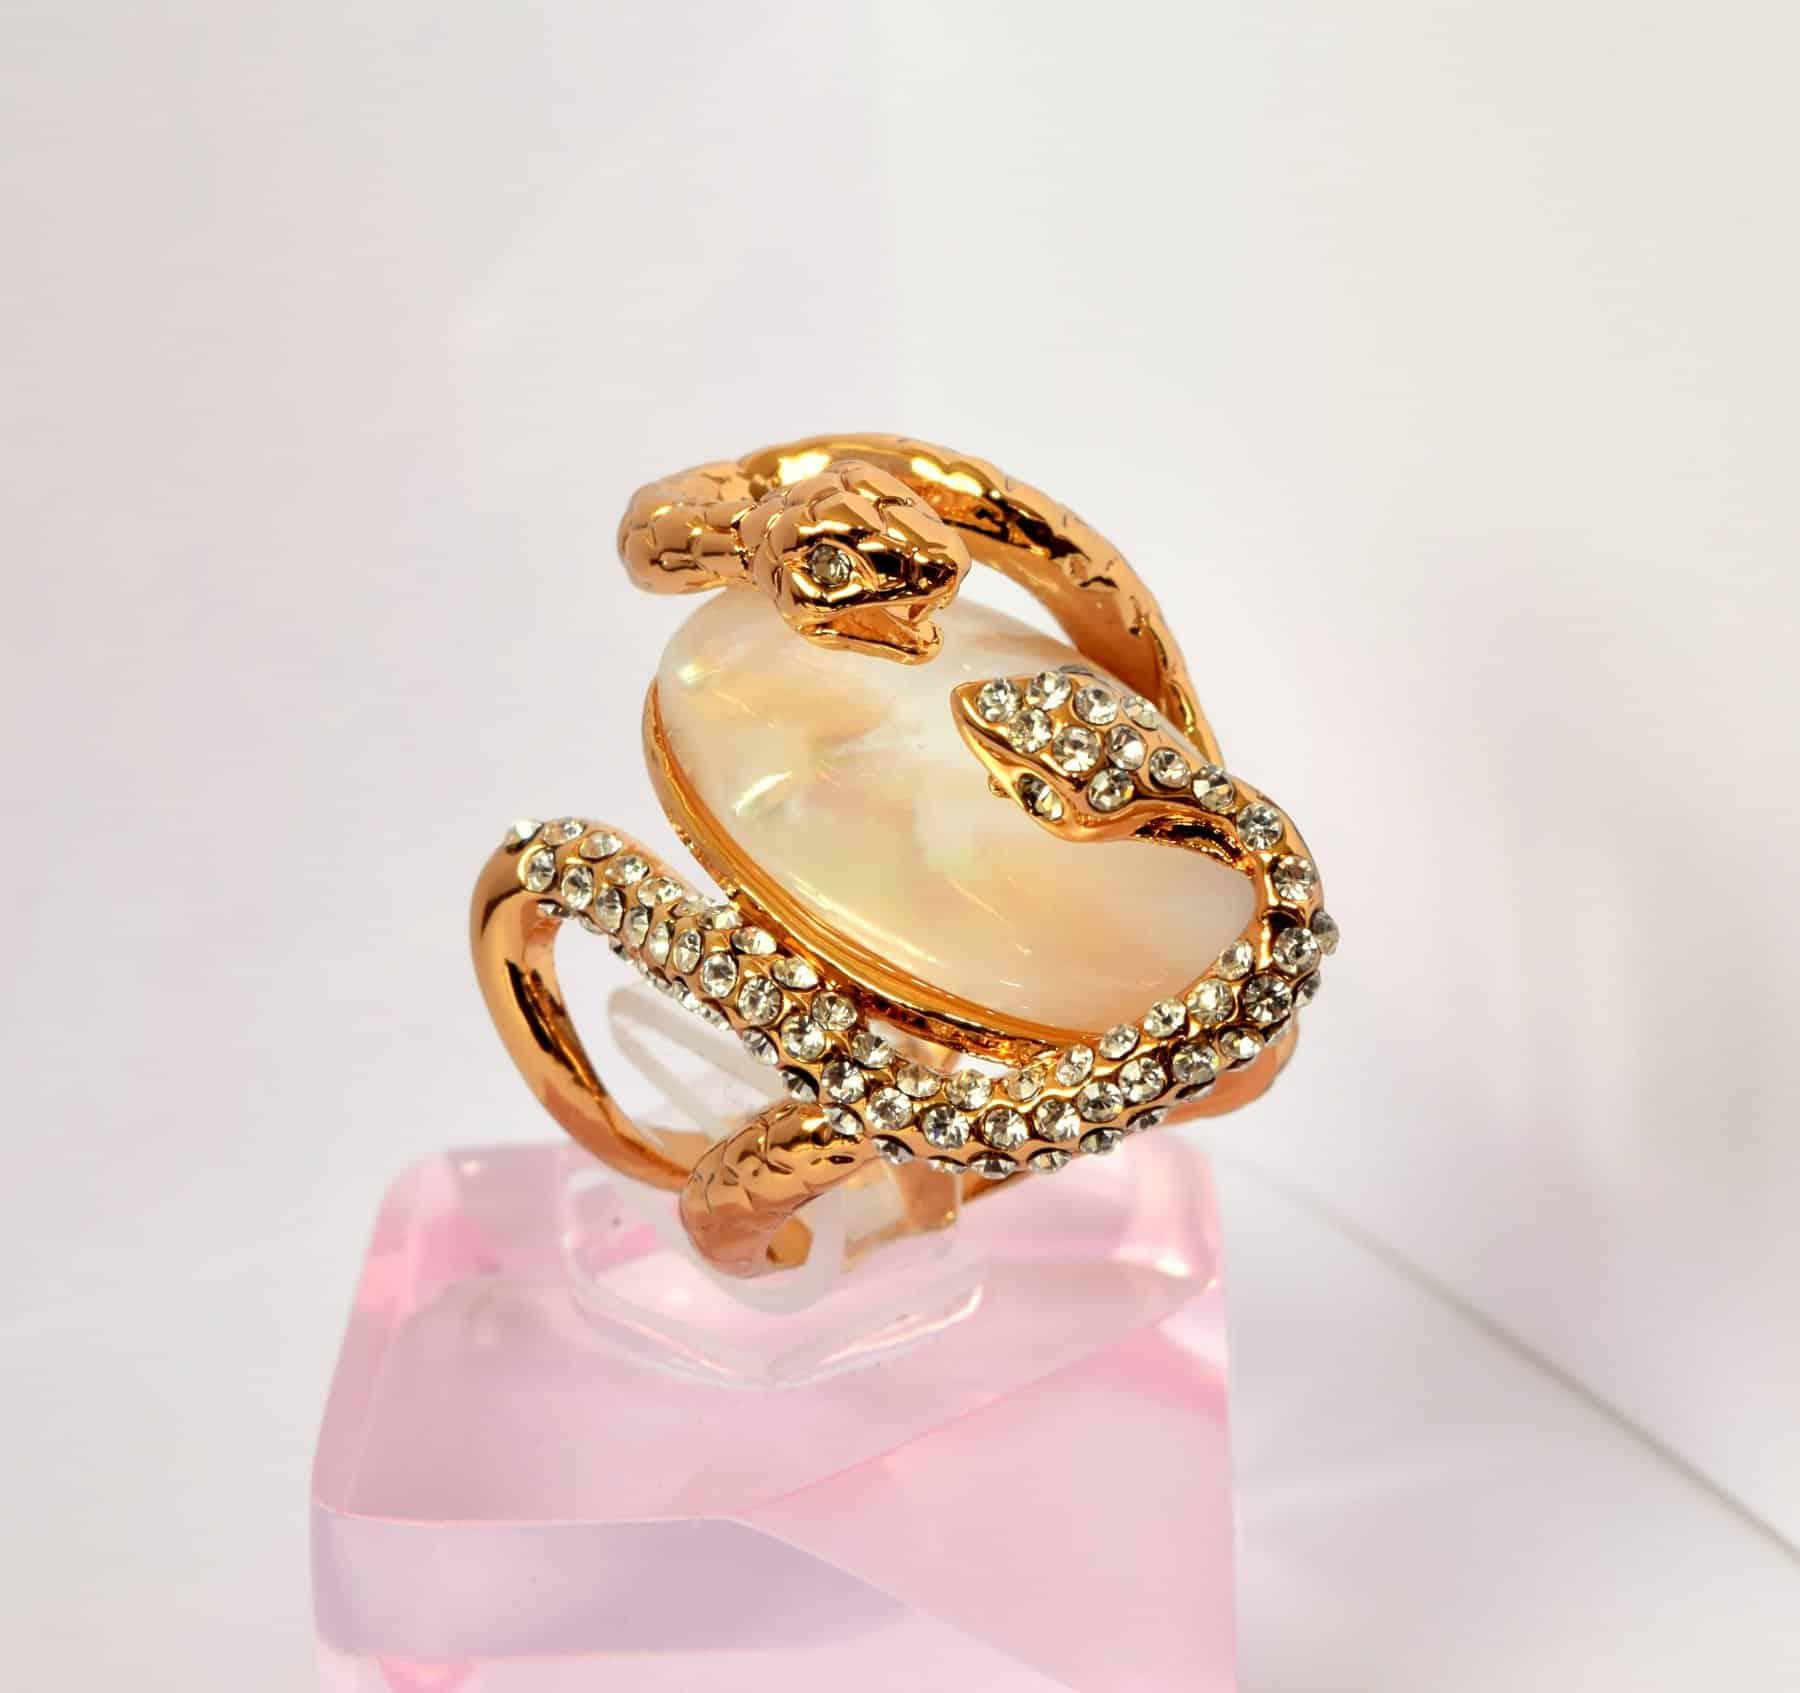 انگشتر زنانه و دخترانه طلایی طرح مار کلیو با کریستال های سواروسکی rg-n023 (4)